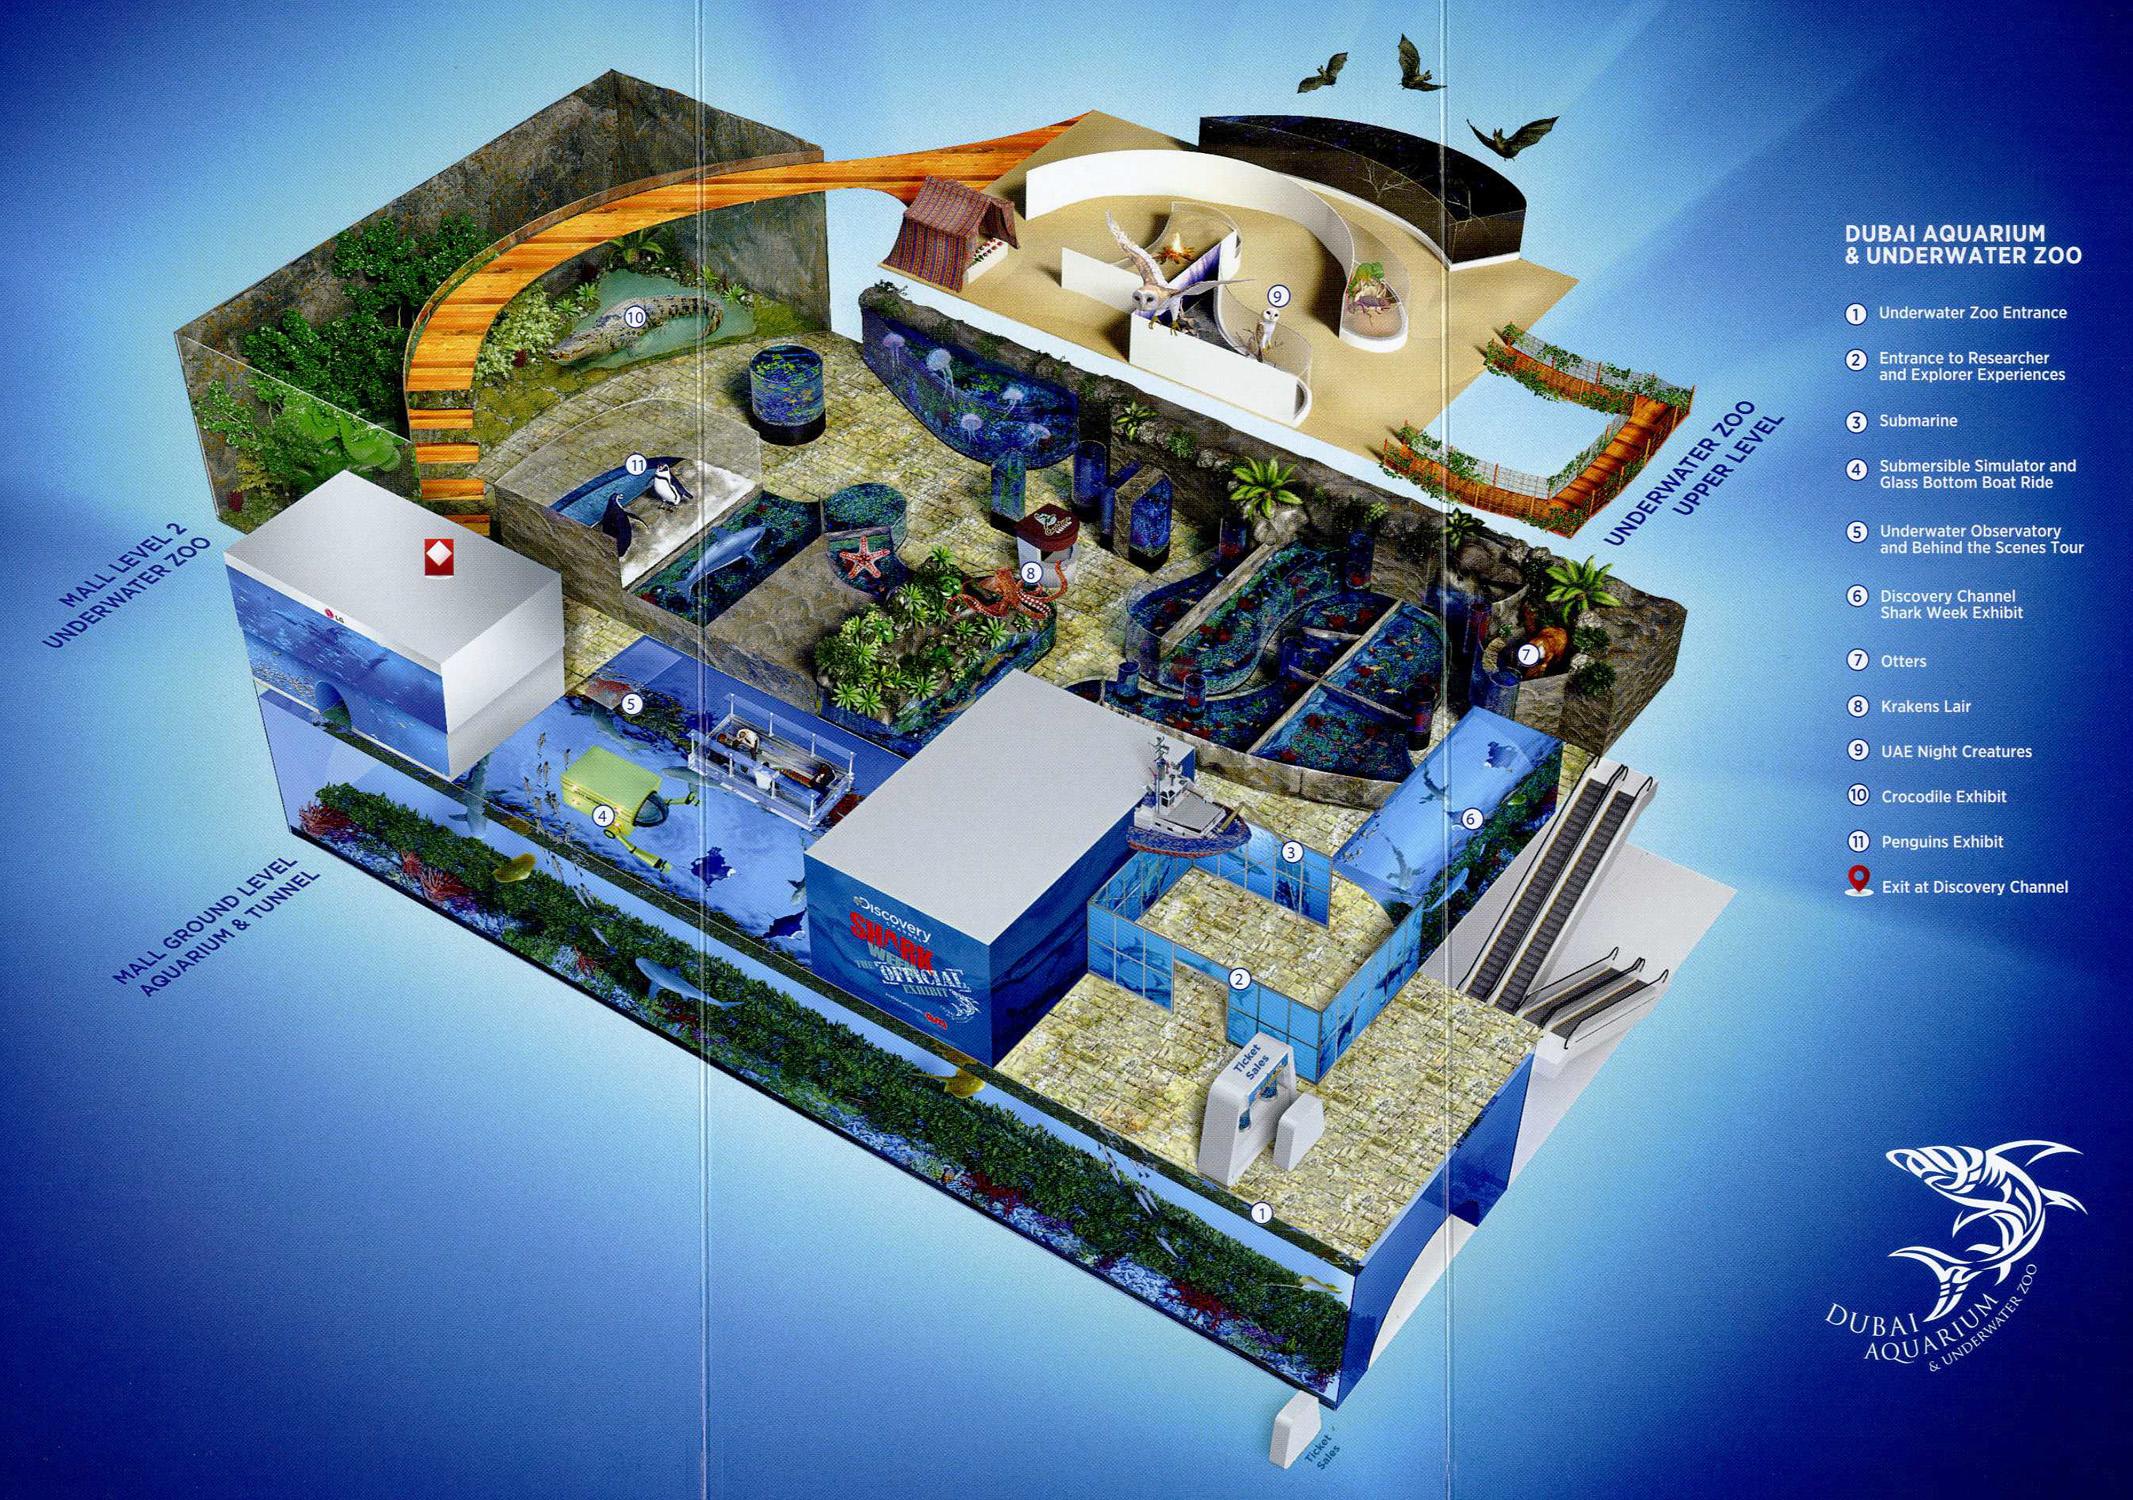 Les Zoos Dans Le Monde Dubai Aquarium Amp Underwater Zoo